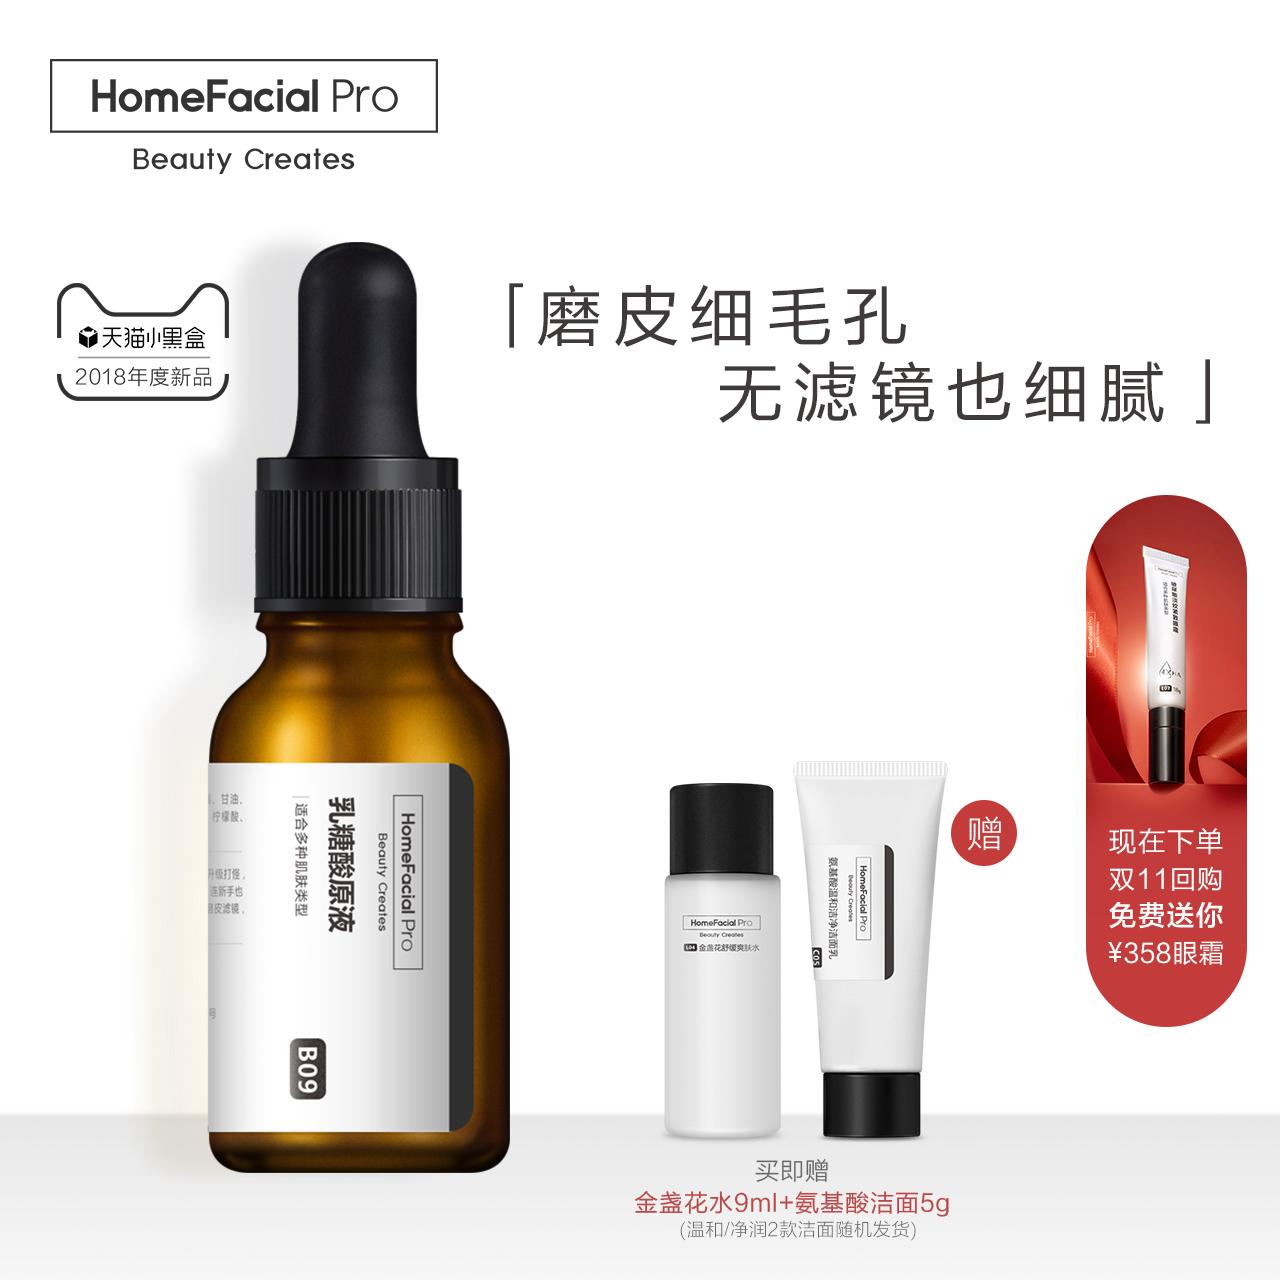 hfp乳糖酸收缩毛孔面部修护精华液10月14日最新优惠